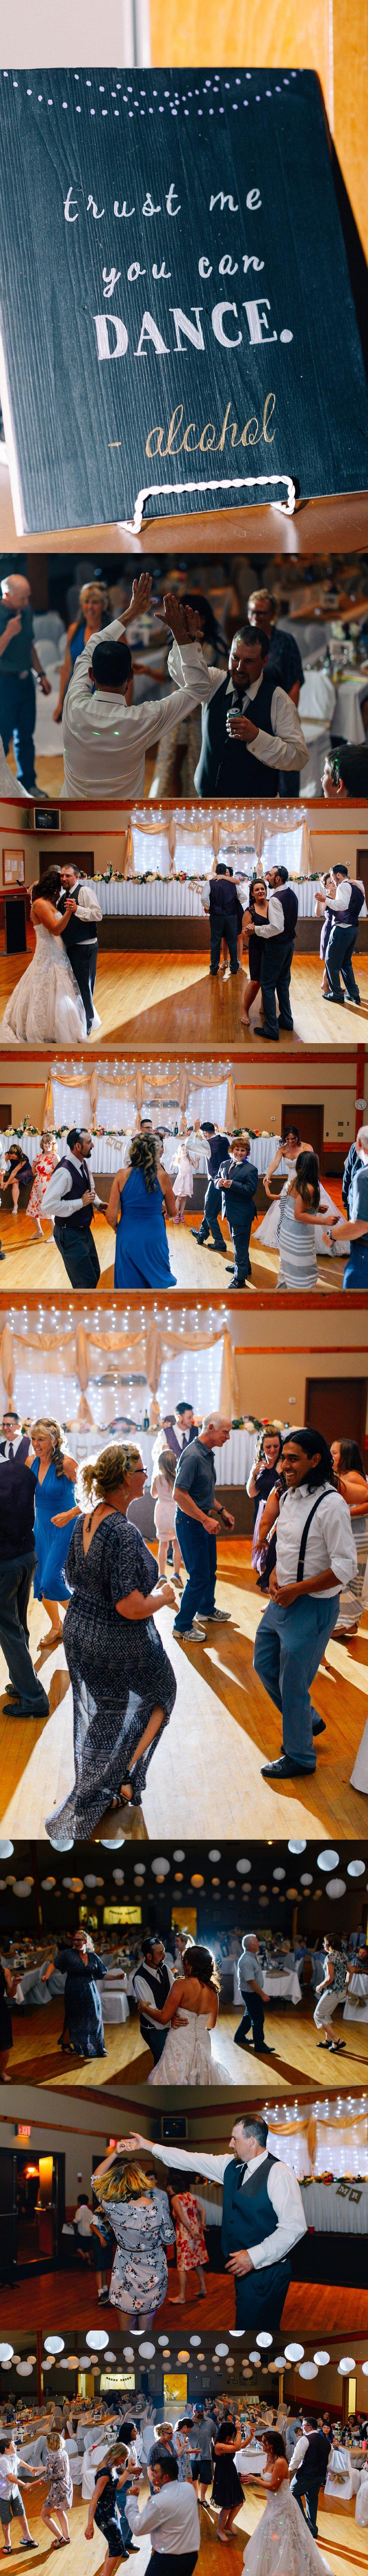 DANCE FUN.jpg